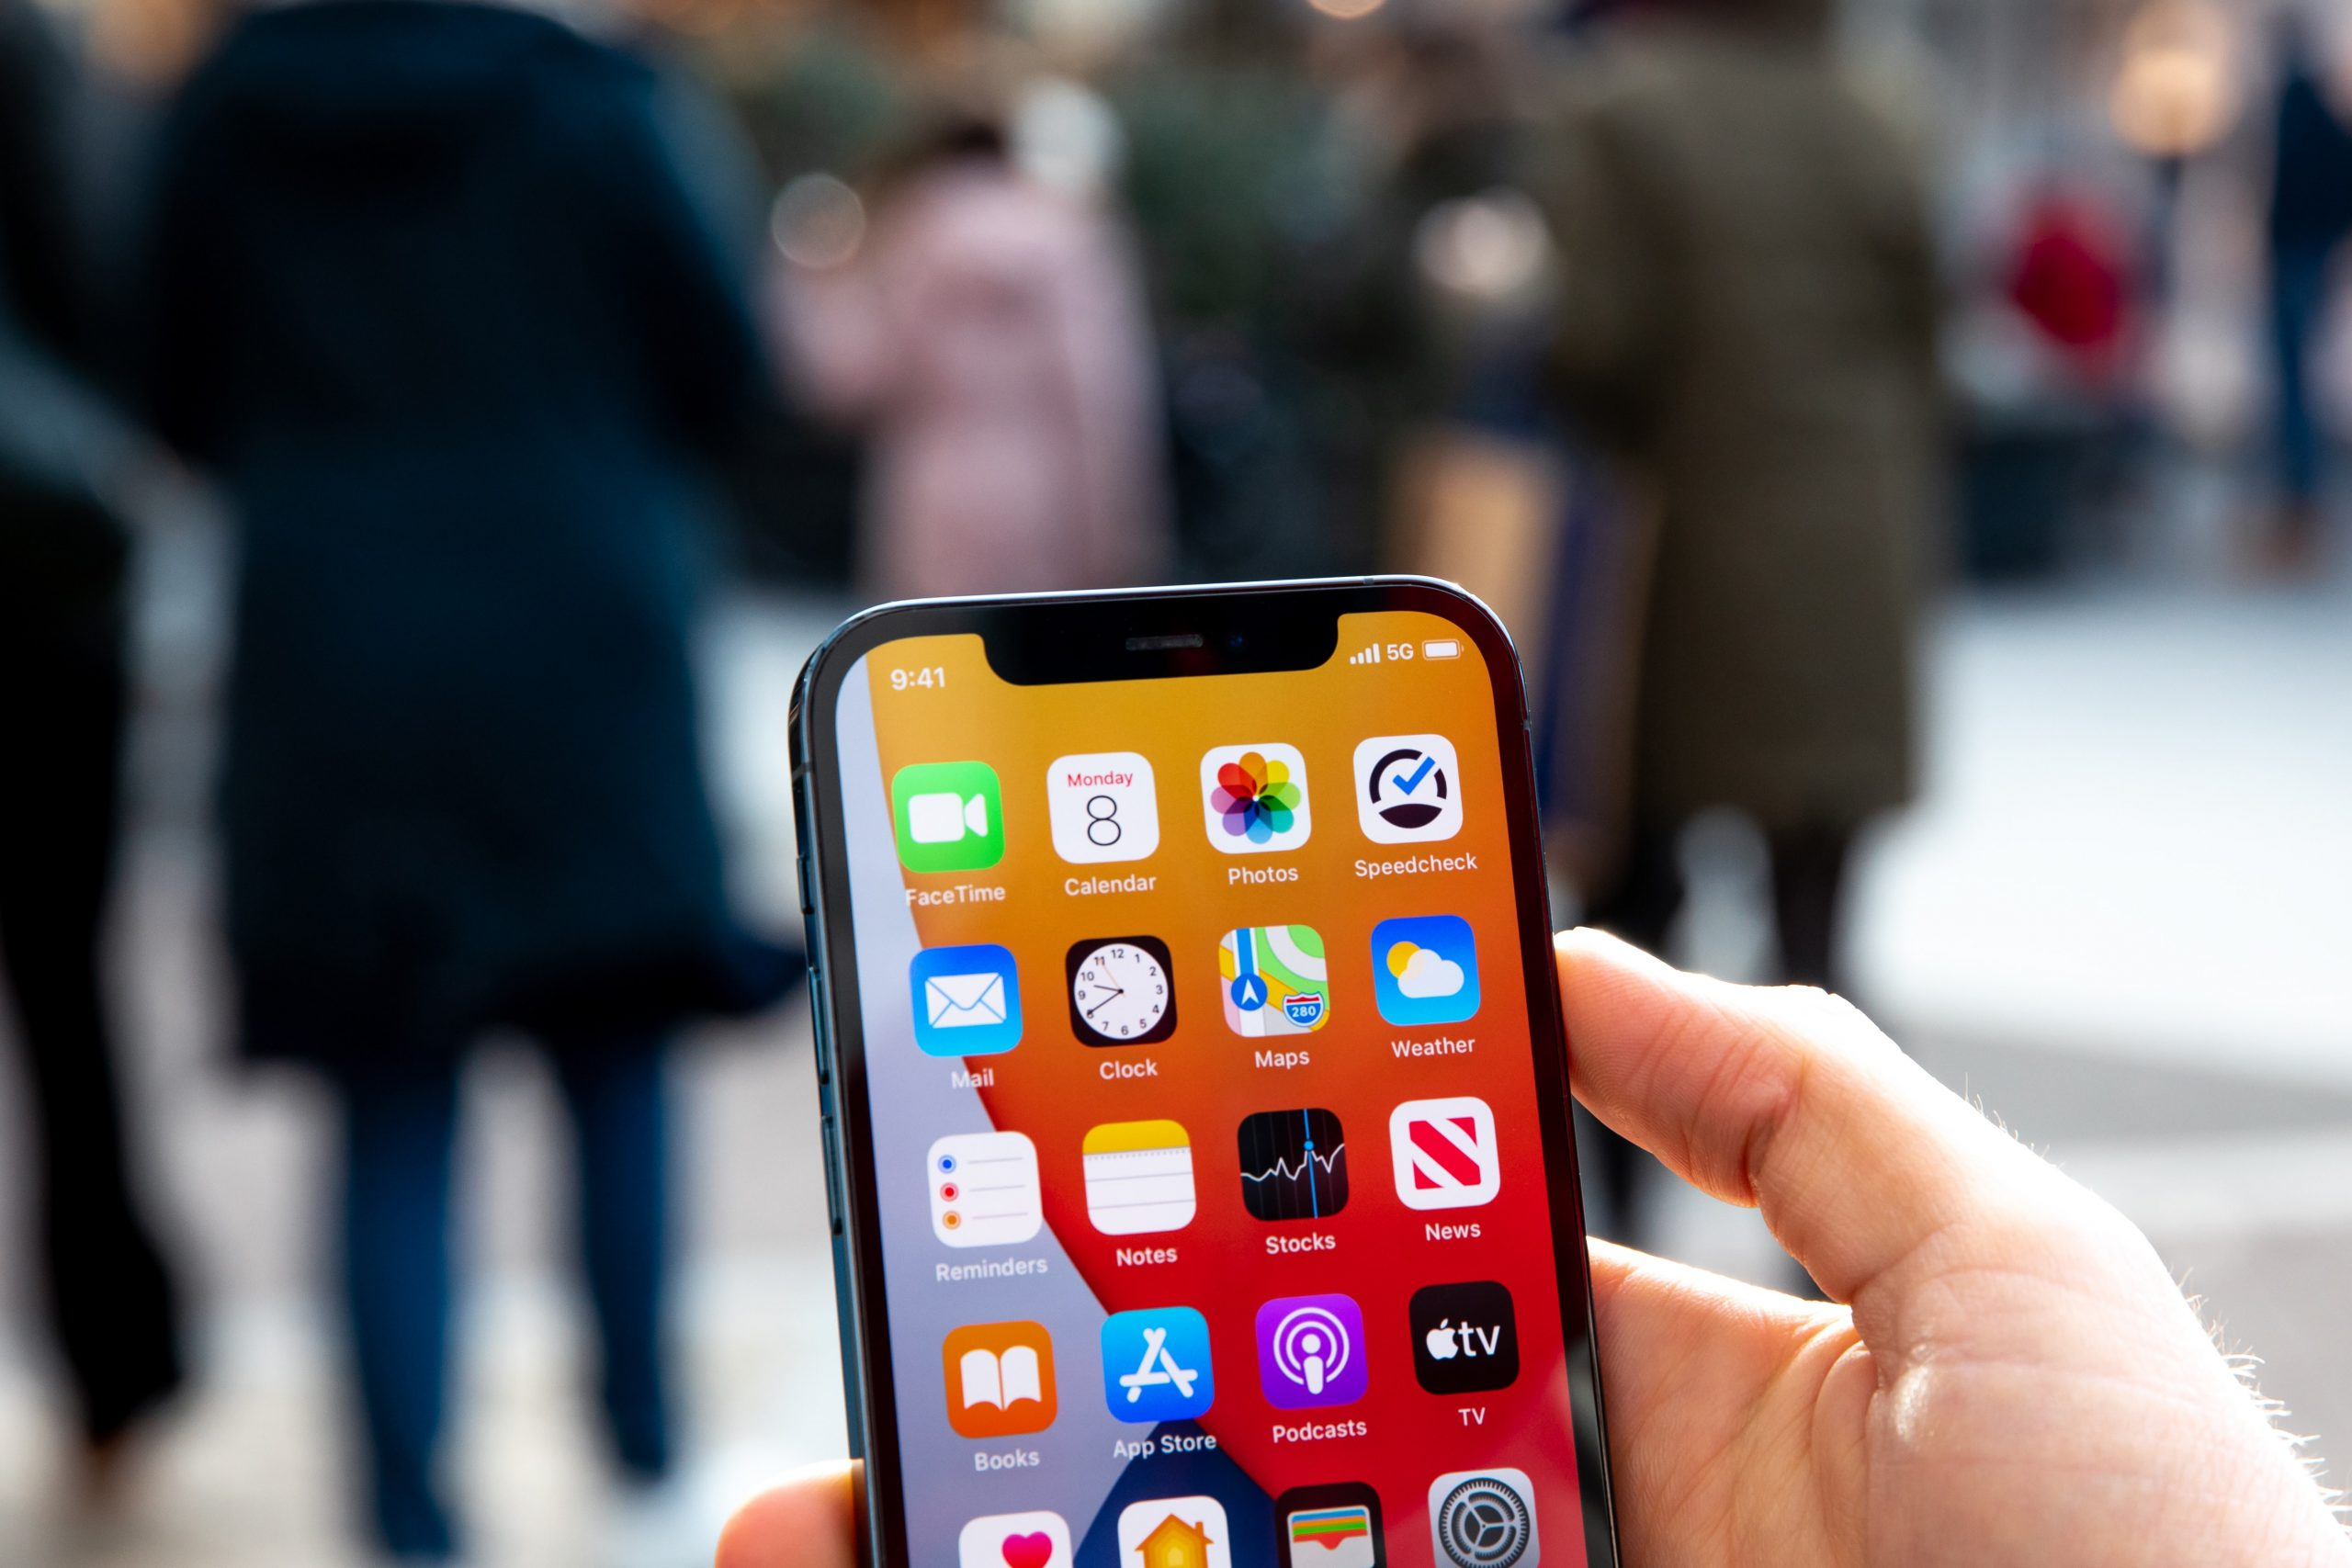 Roubos de celulares: como proteger suas contas e apps do banco